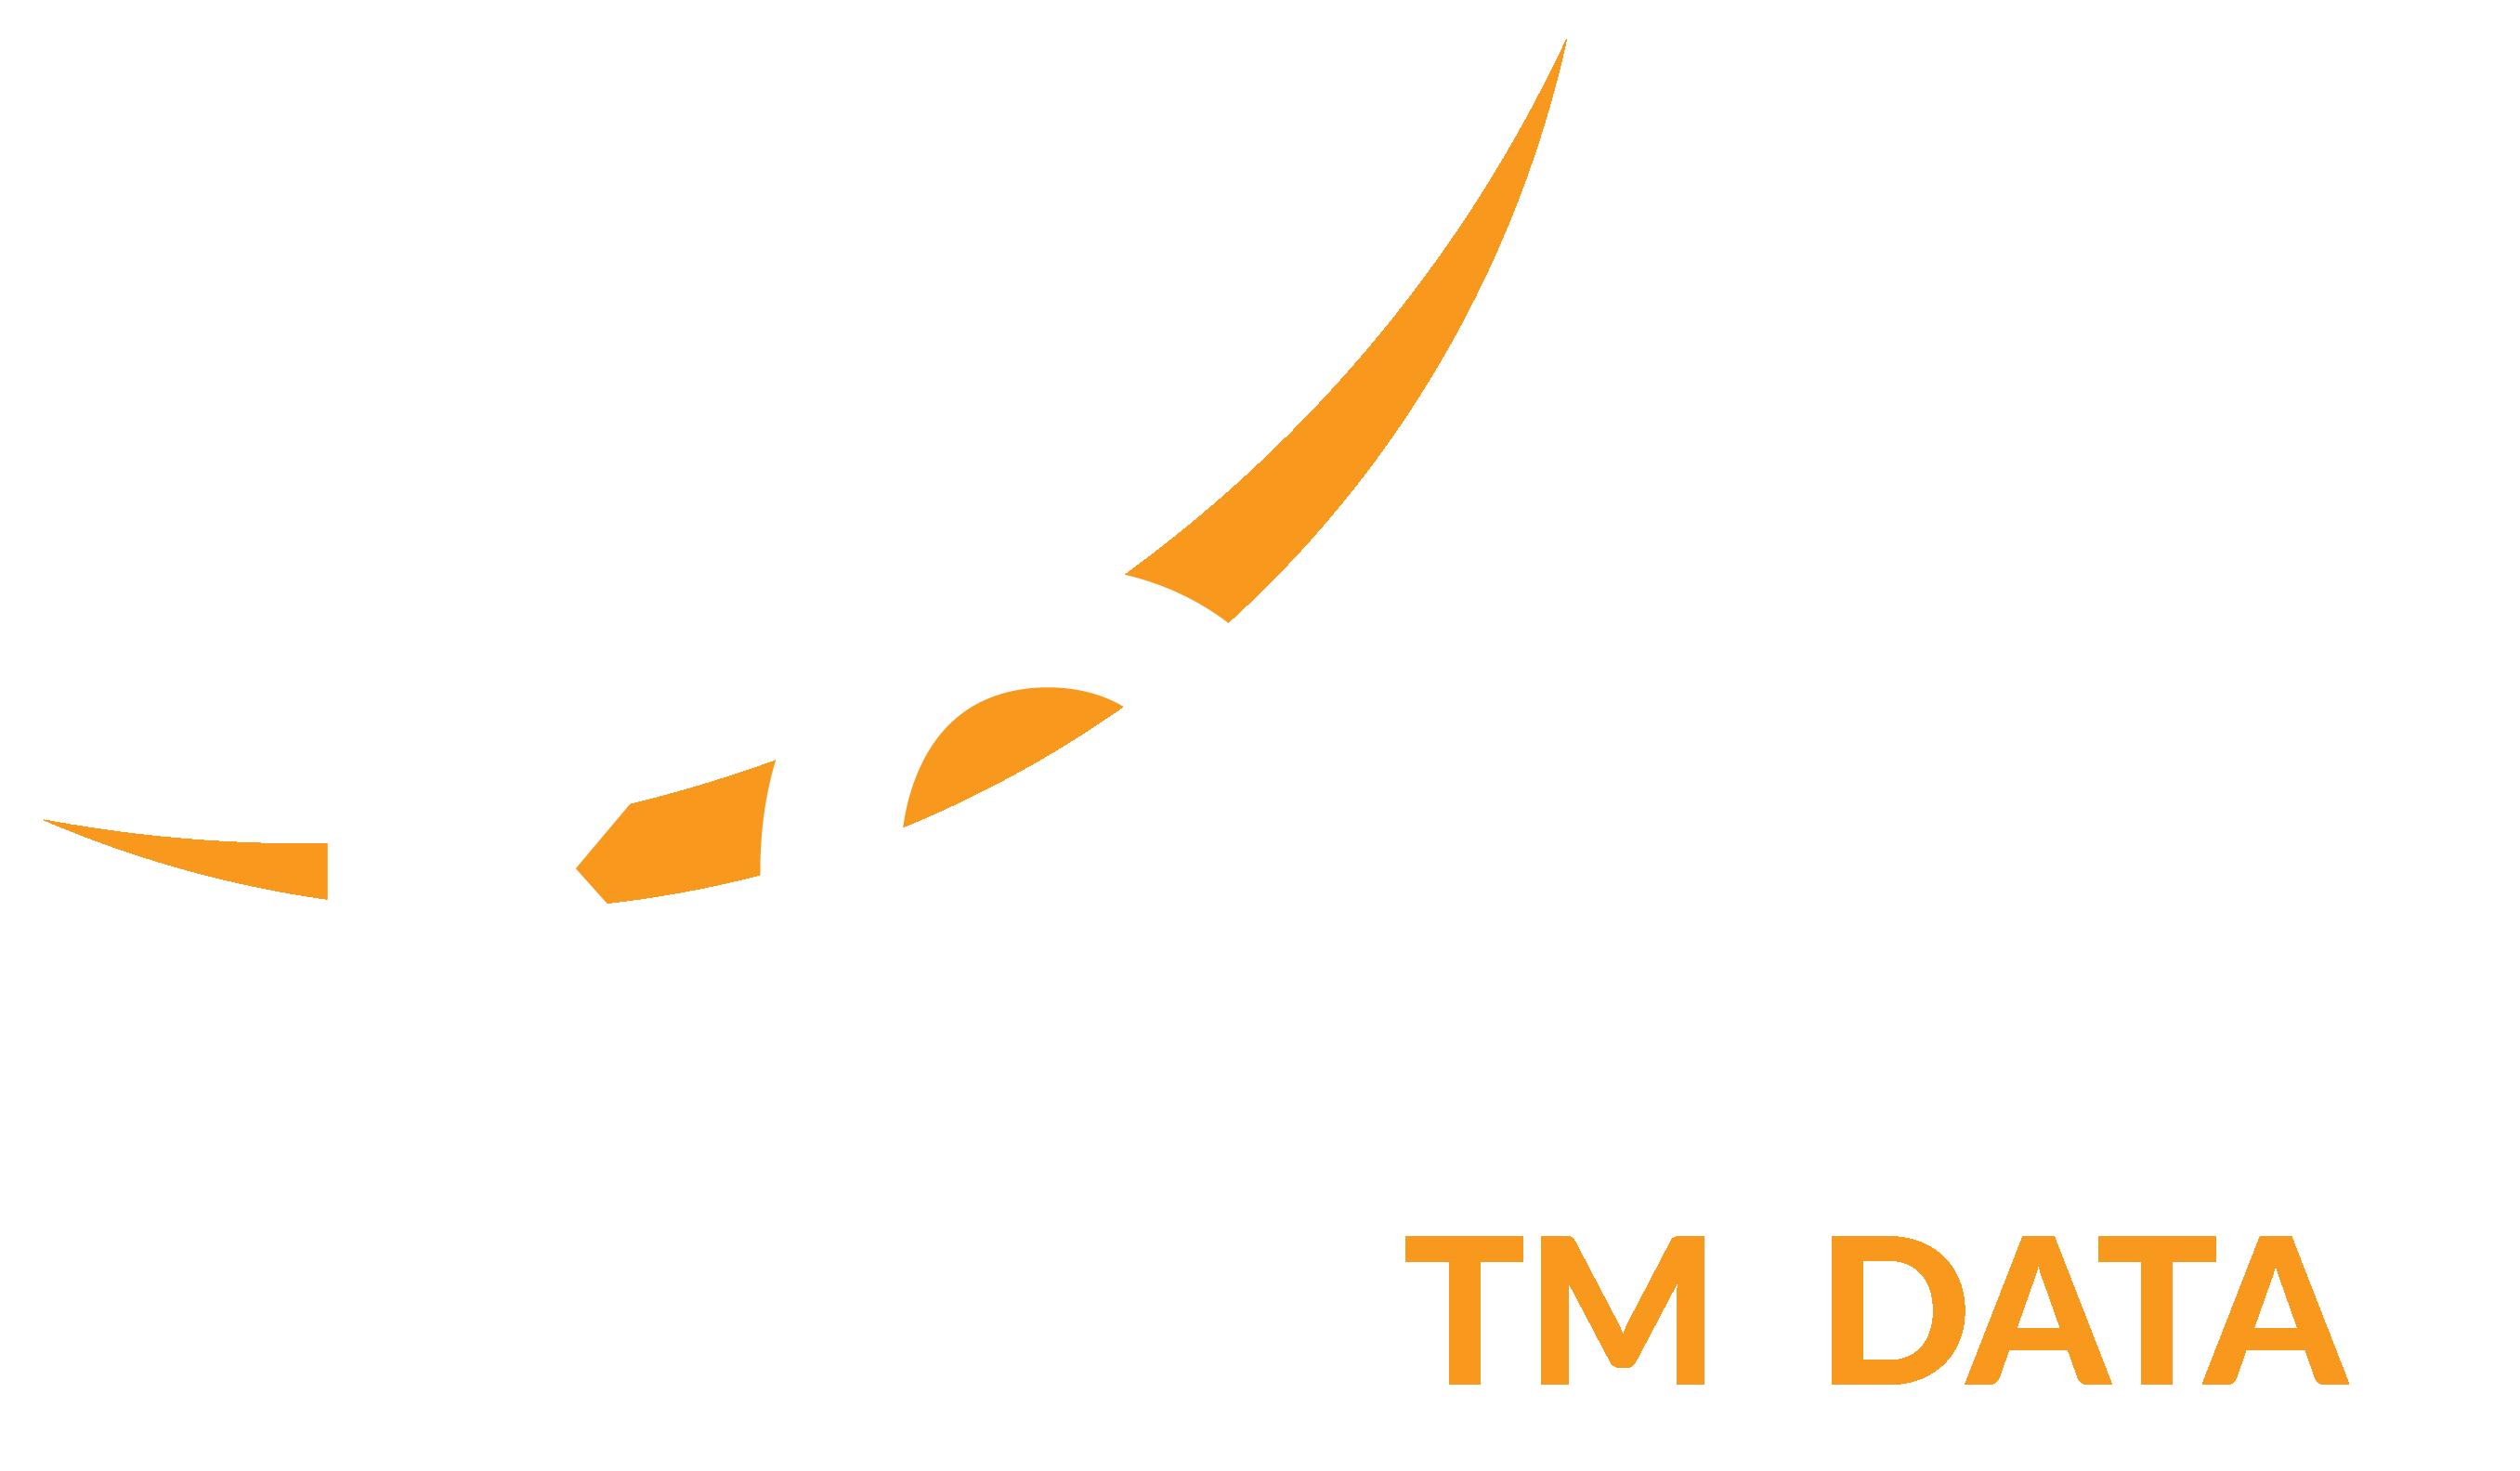 KORE-Brazil-TMDATA-logo-outlines-white-orange-registered.png